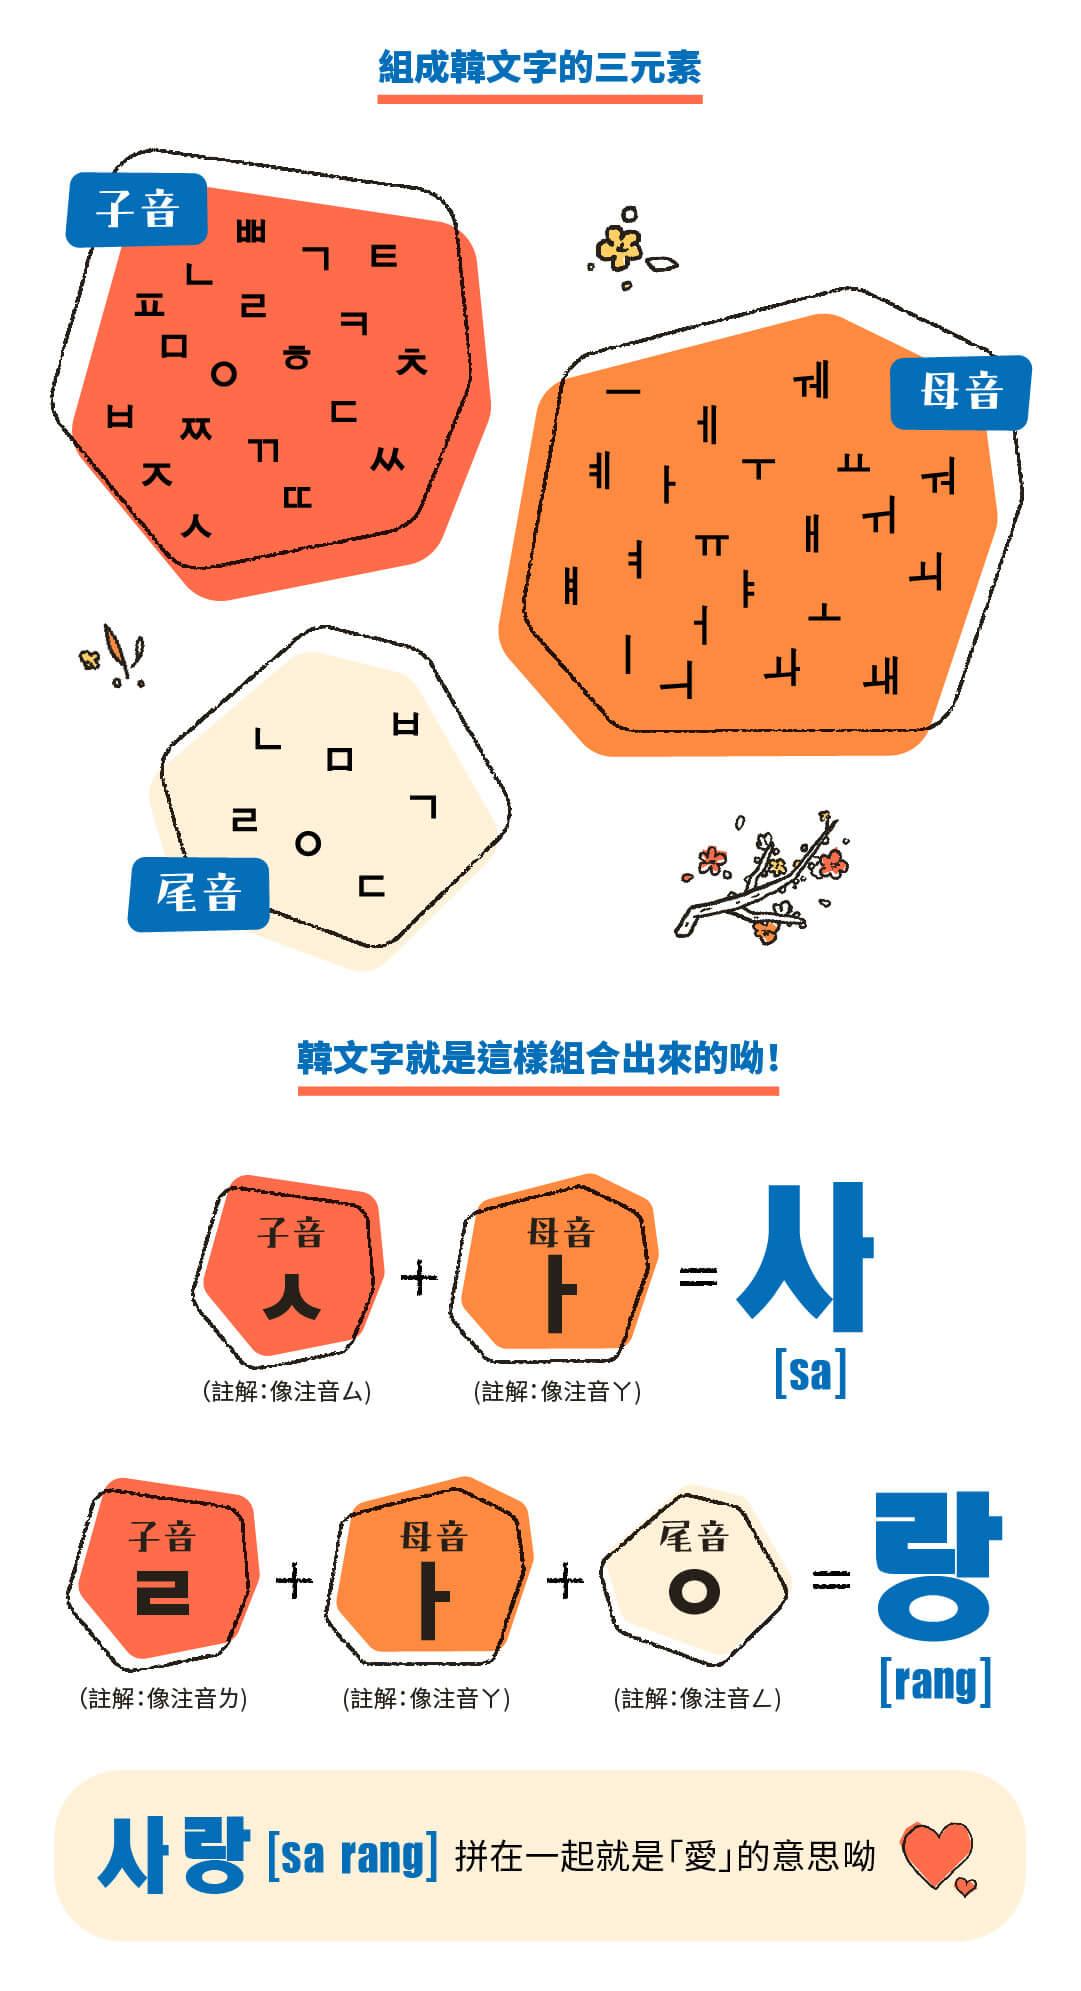 韓文基礎發音課|開口就是溜韓語 - 拆解「韓文文字結構」